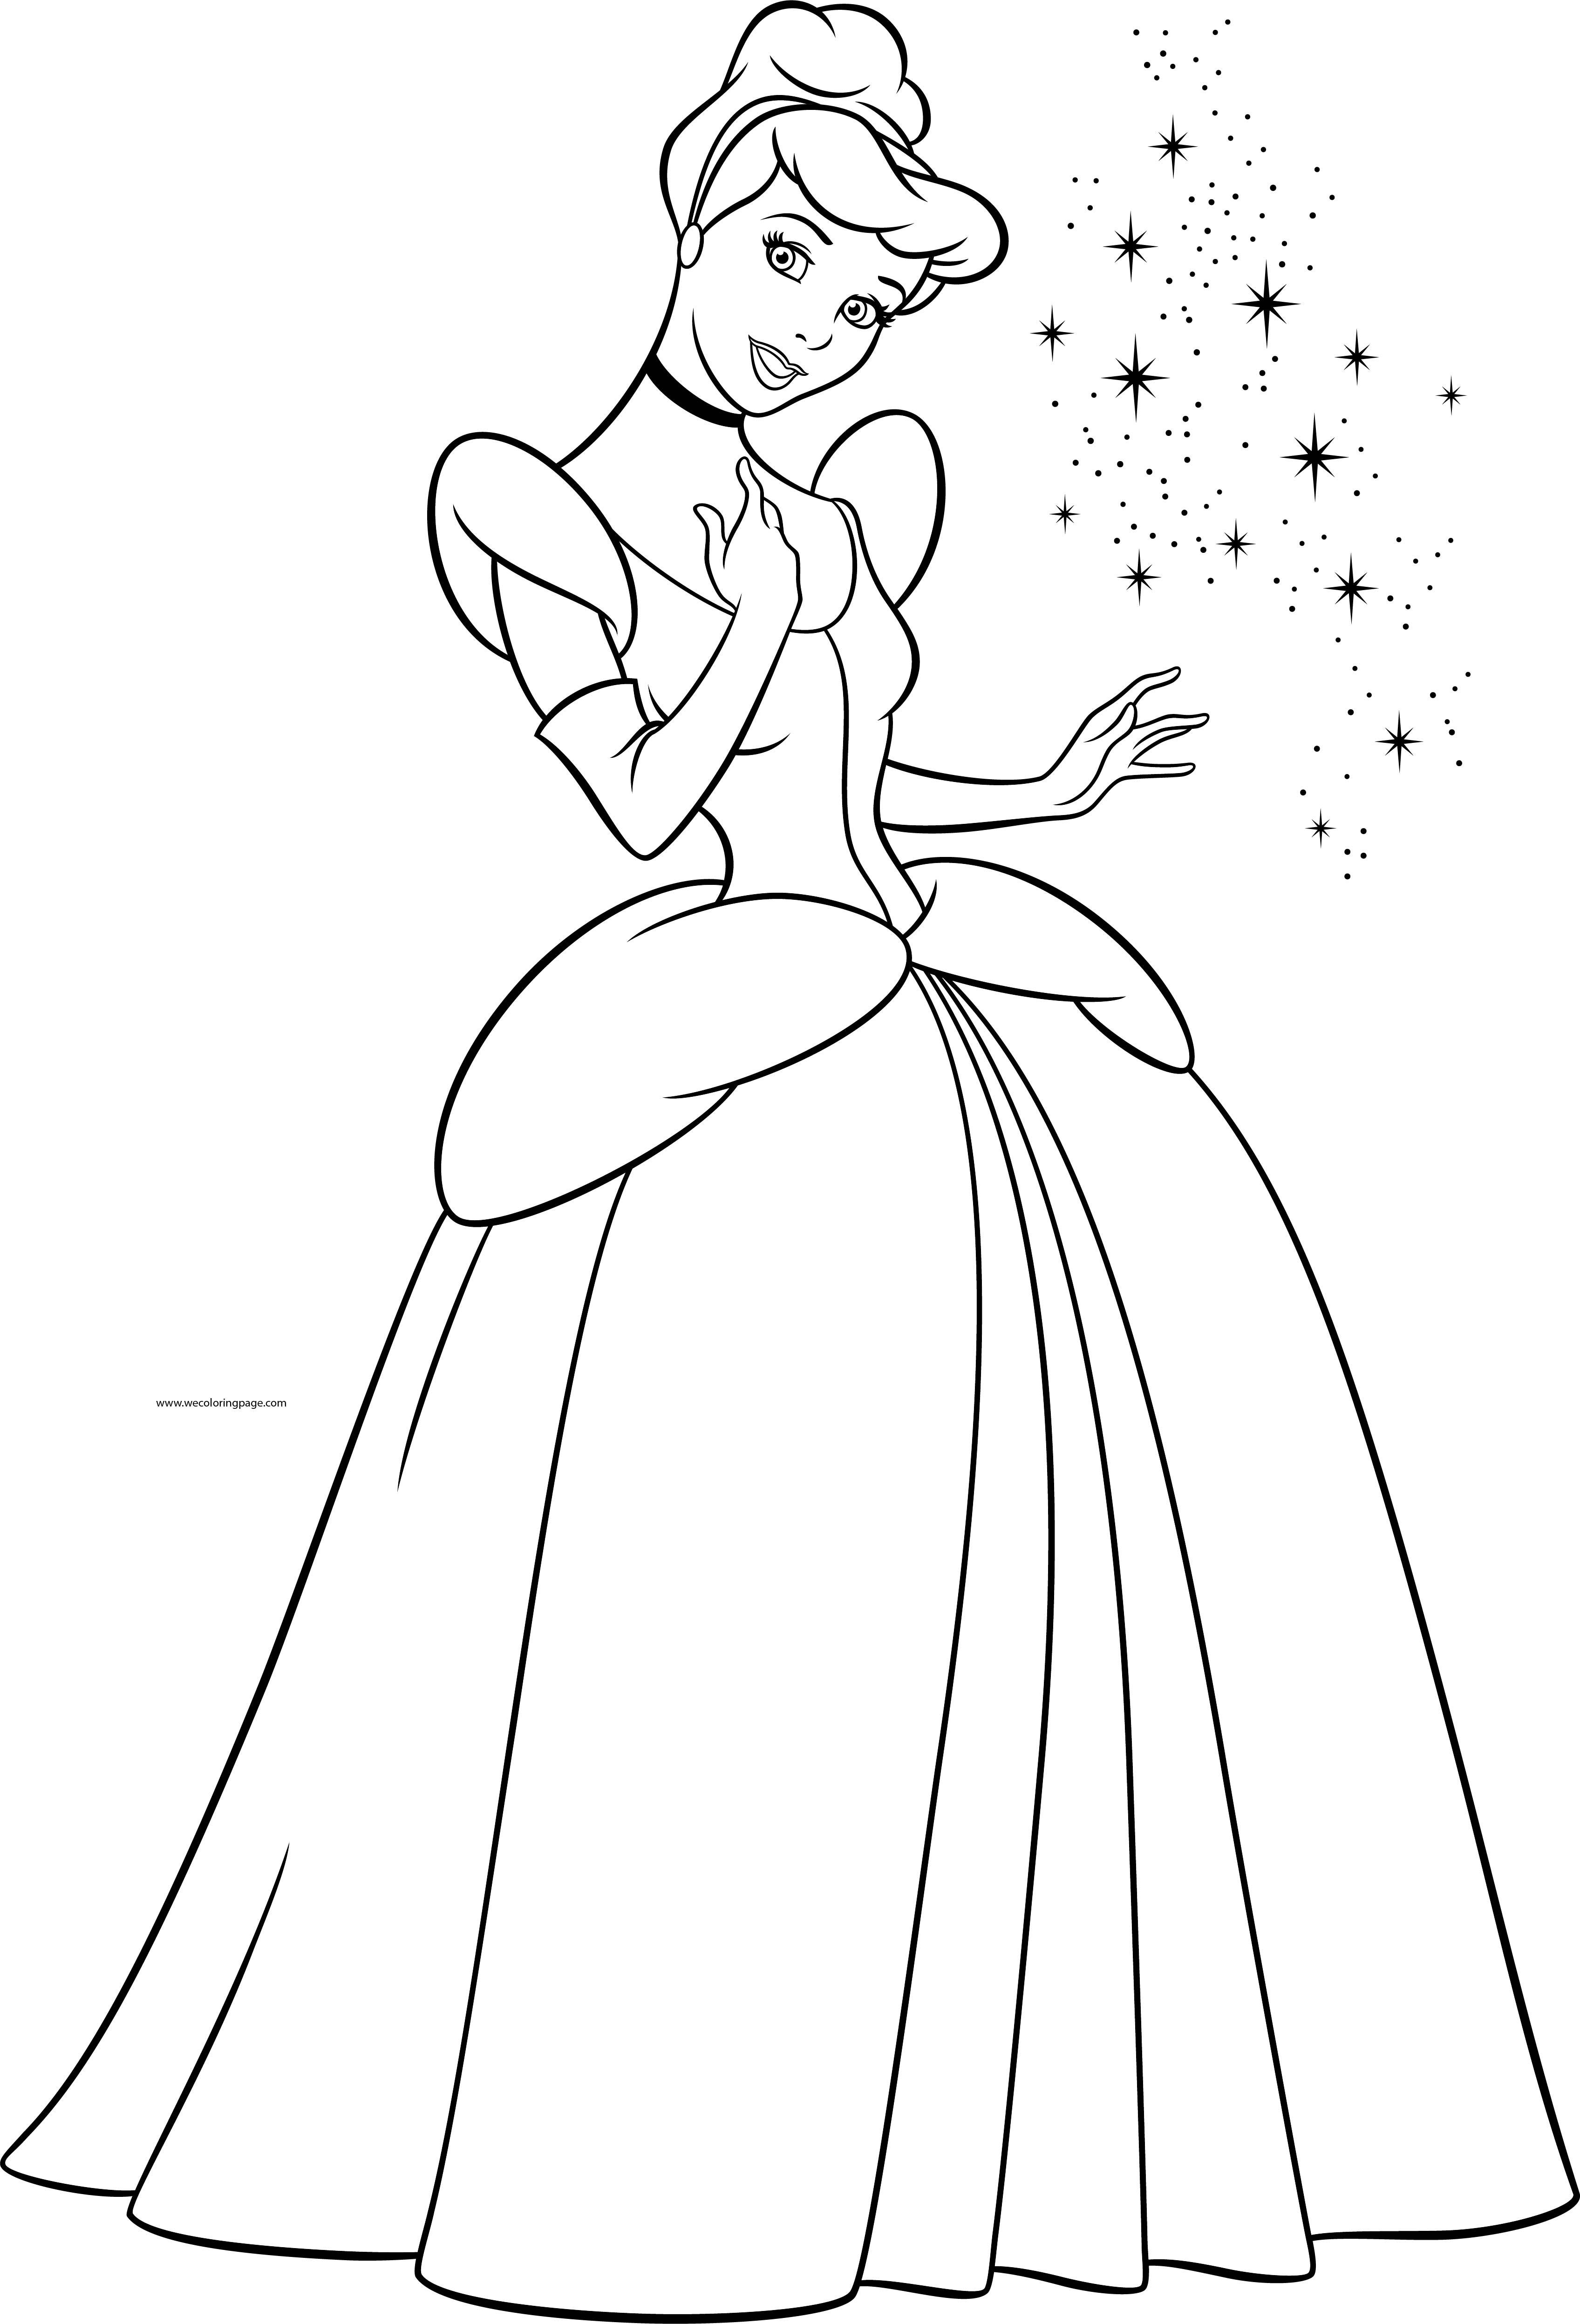 Disney Cinderella Princess Coloring Page